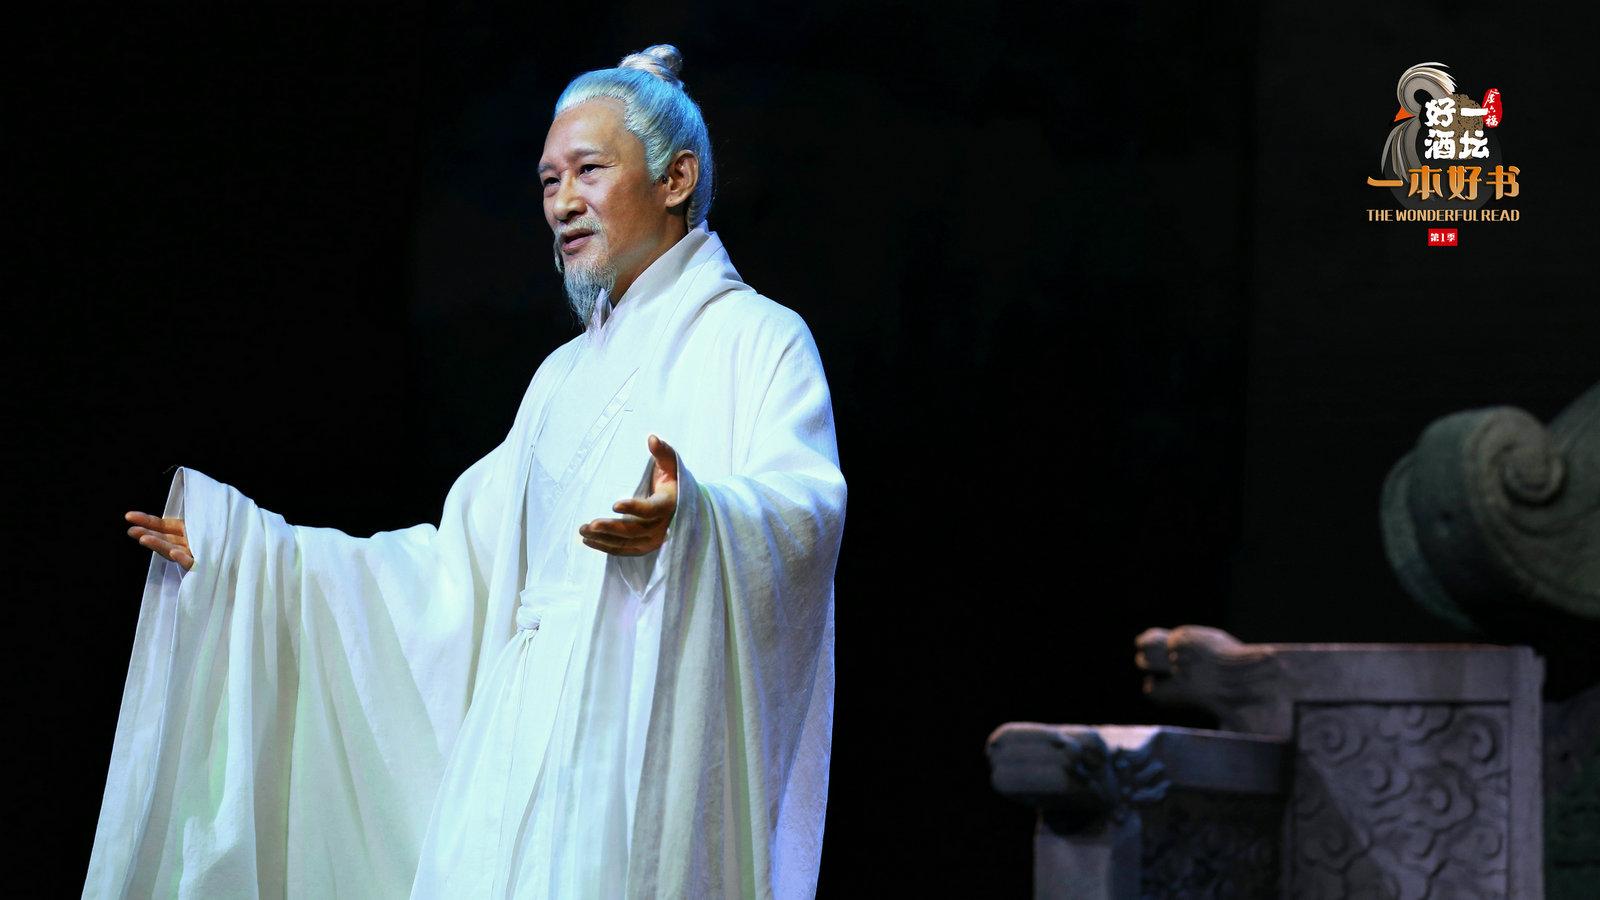 《一本好书》王劲松演不同时空 深入《万历十五年》